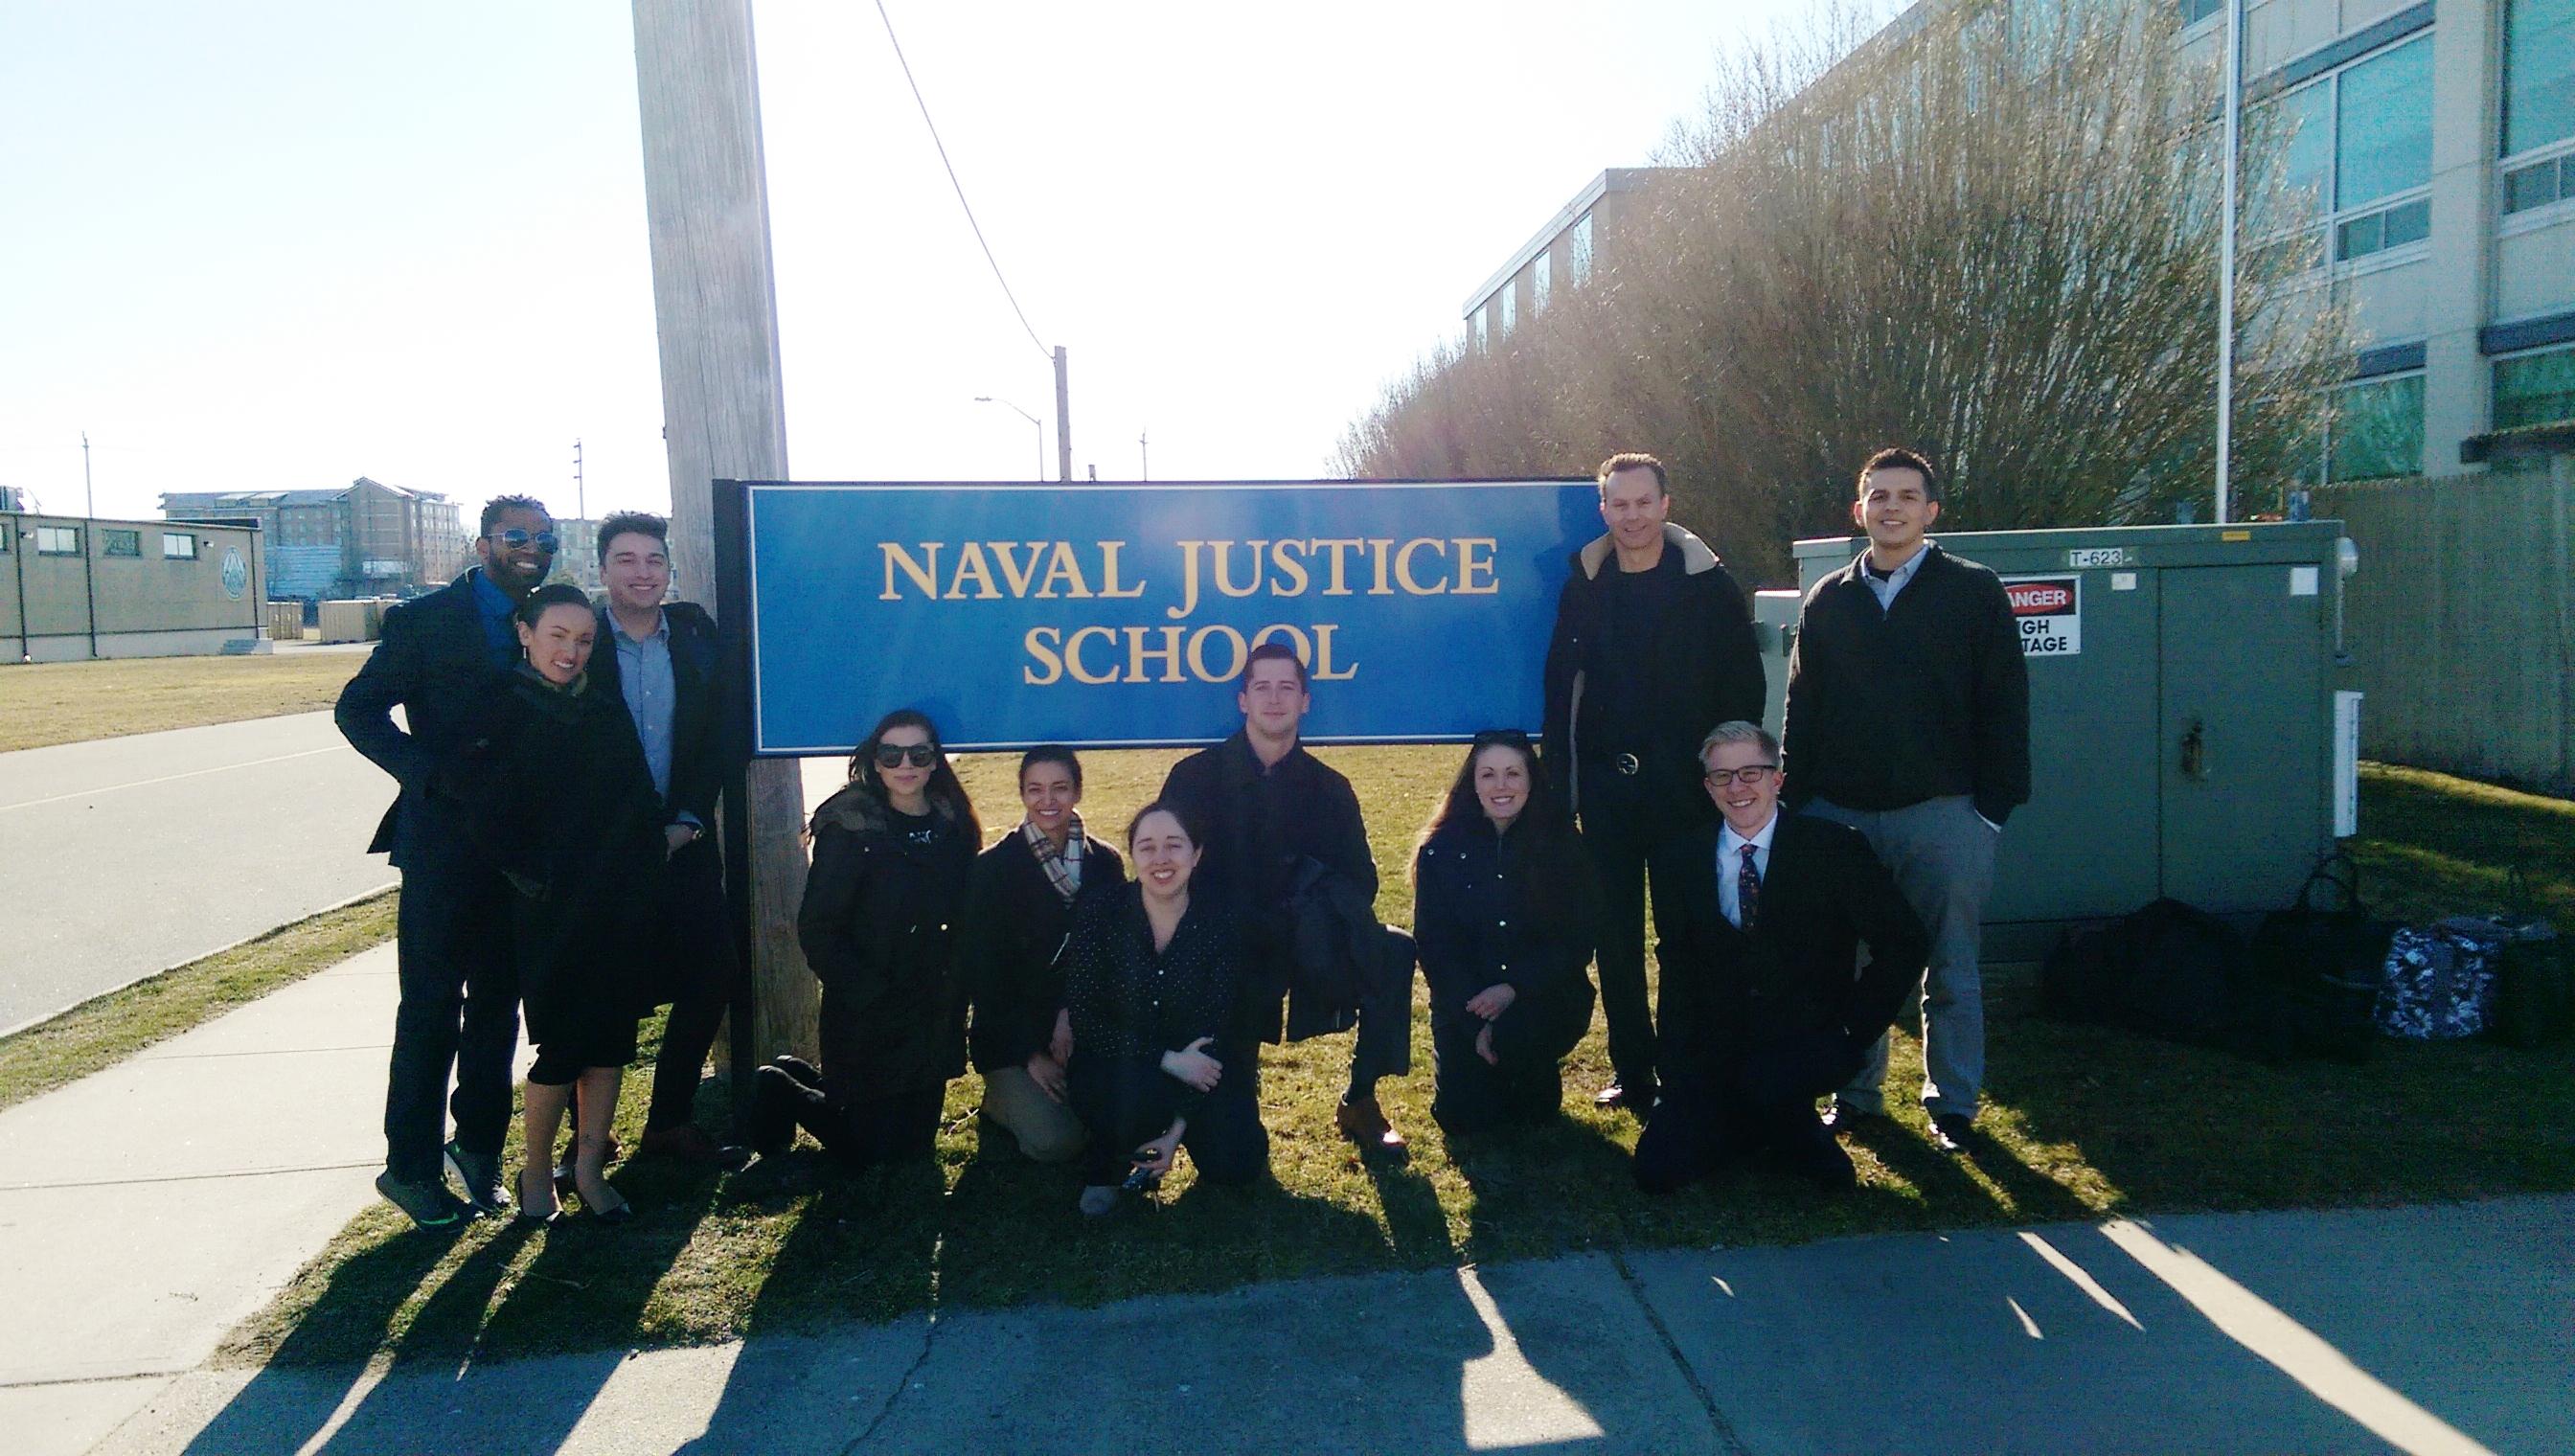 Naval Justice School - March 2017